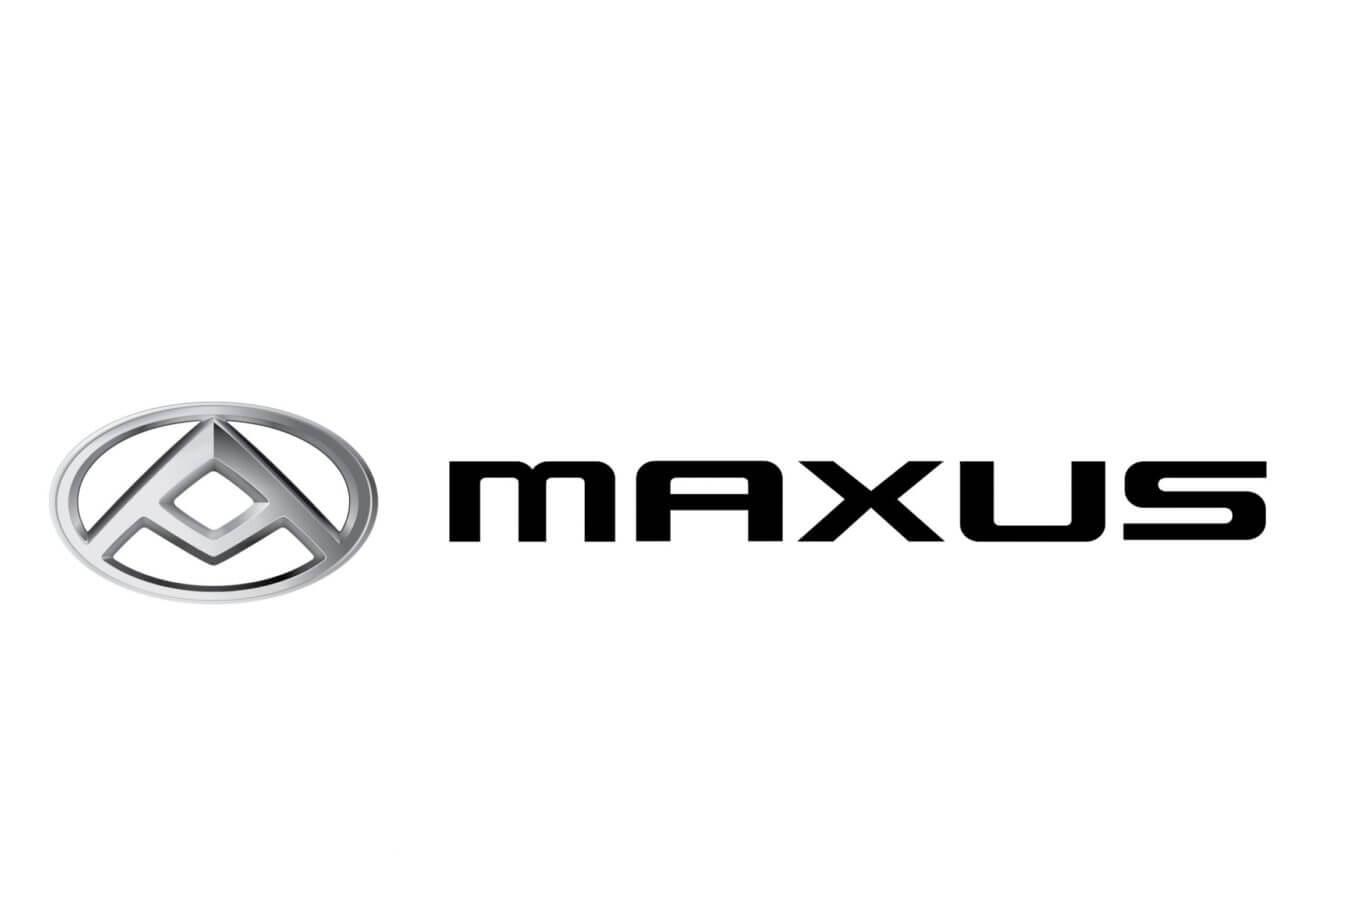 logo maxus elektrische voertuigen